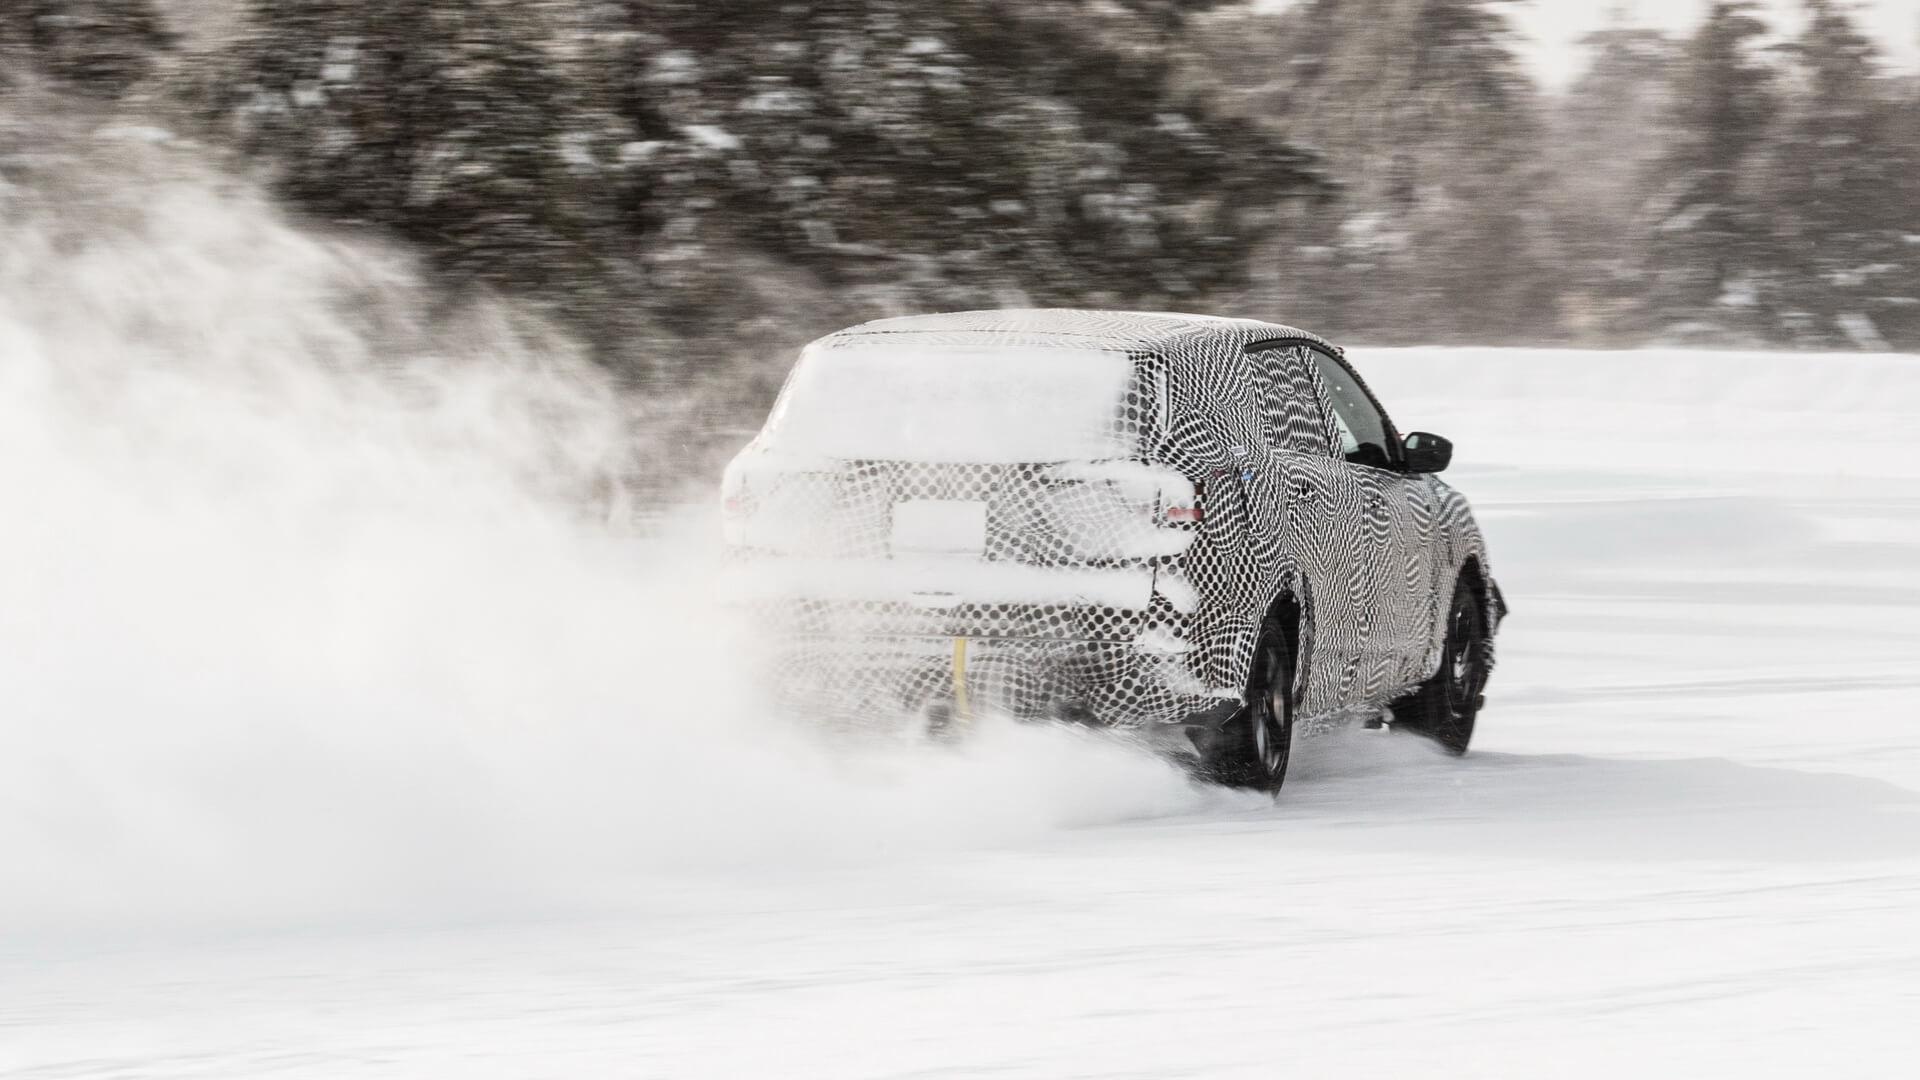 Электрический кроссовер Ford с родословной Mustang в зимних испытаниях